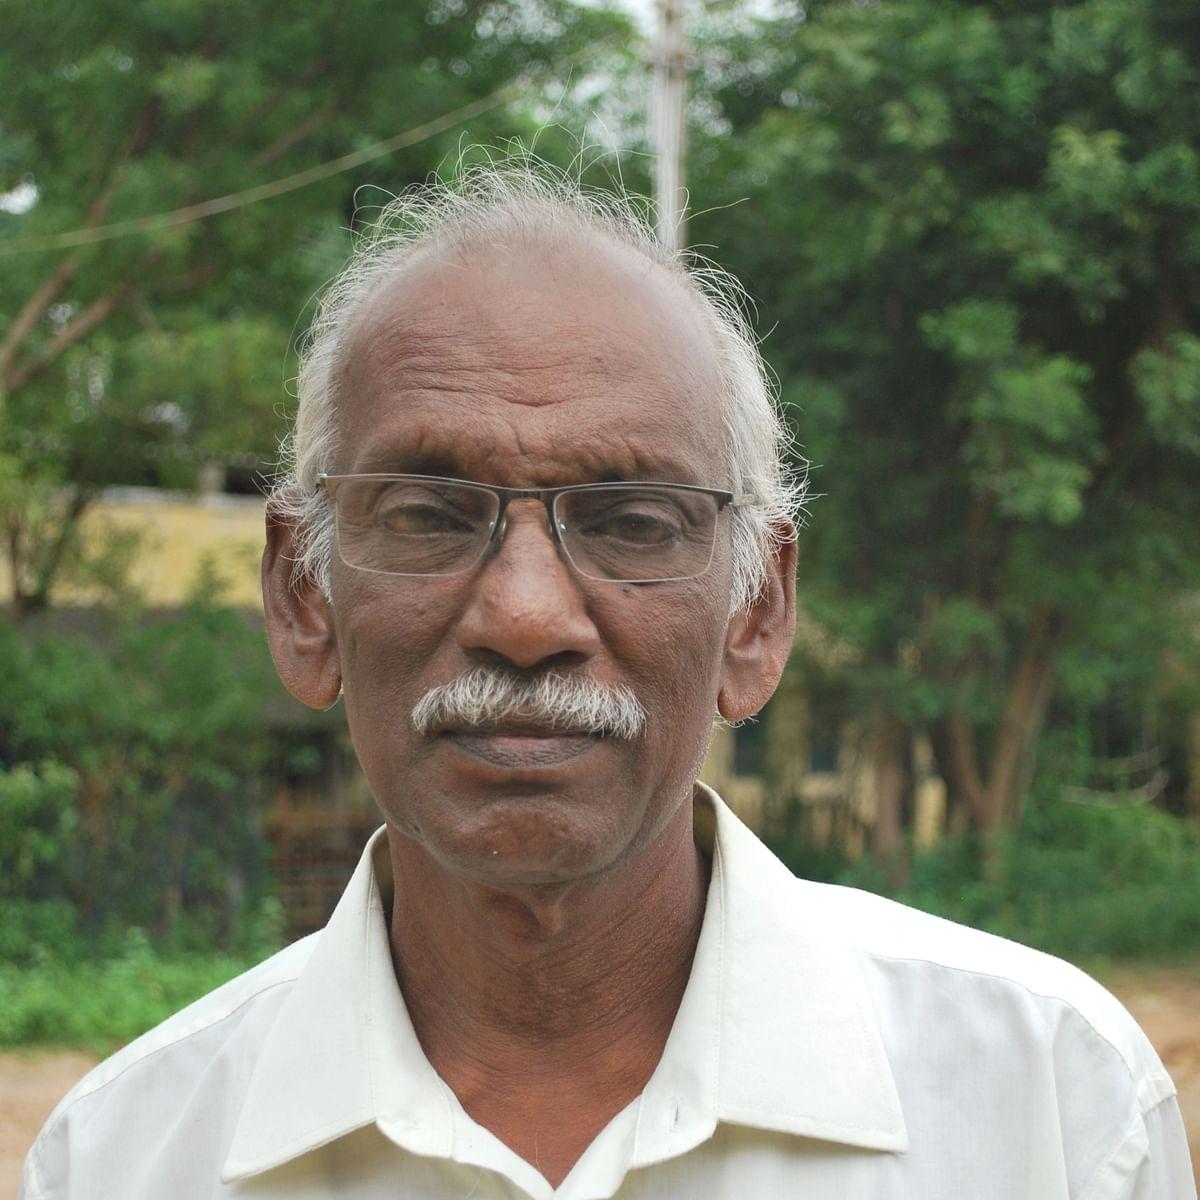 விவசாயி வீரசேனன்